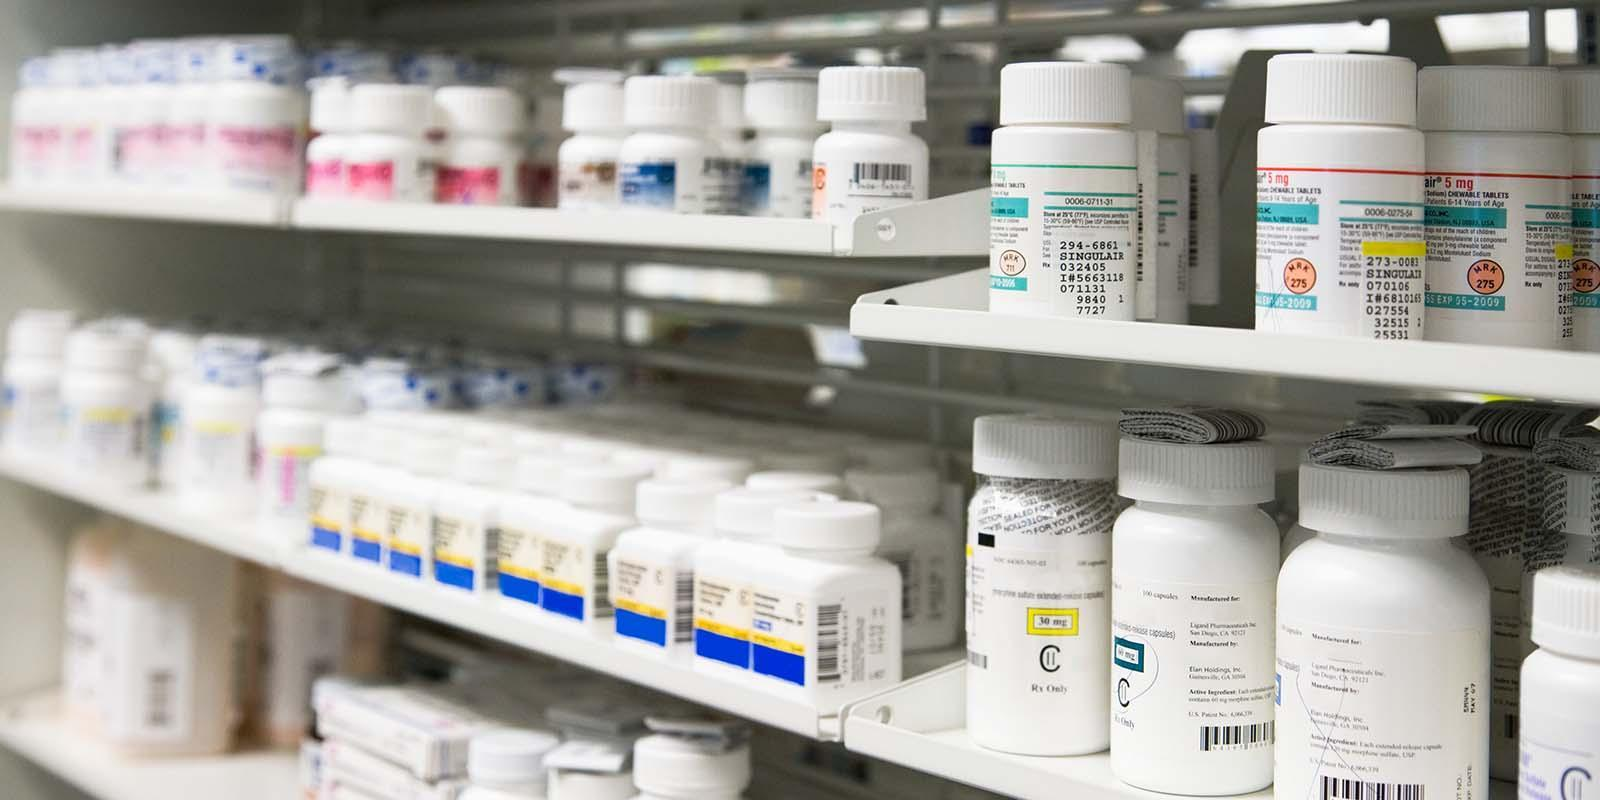 A photo of prescription drugs.